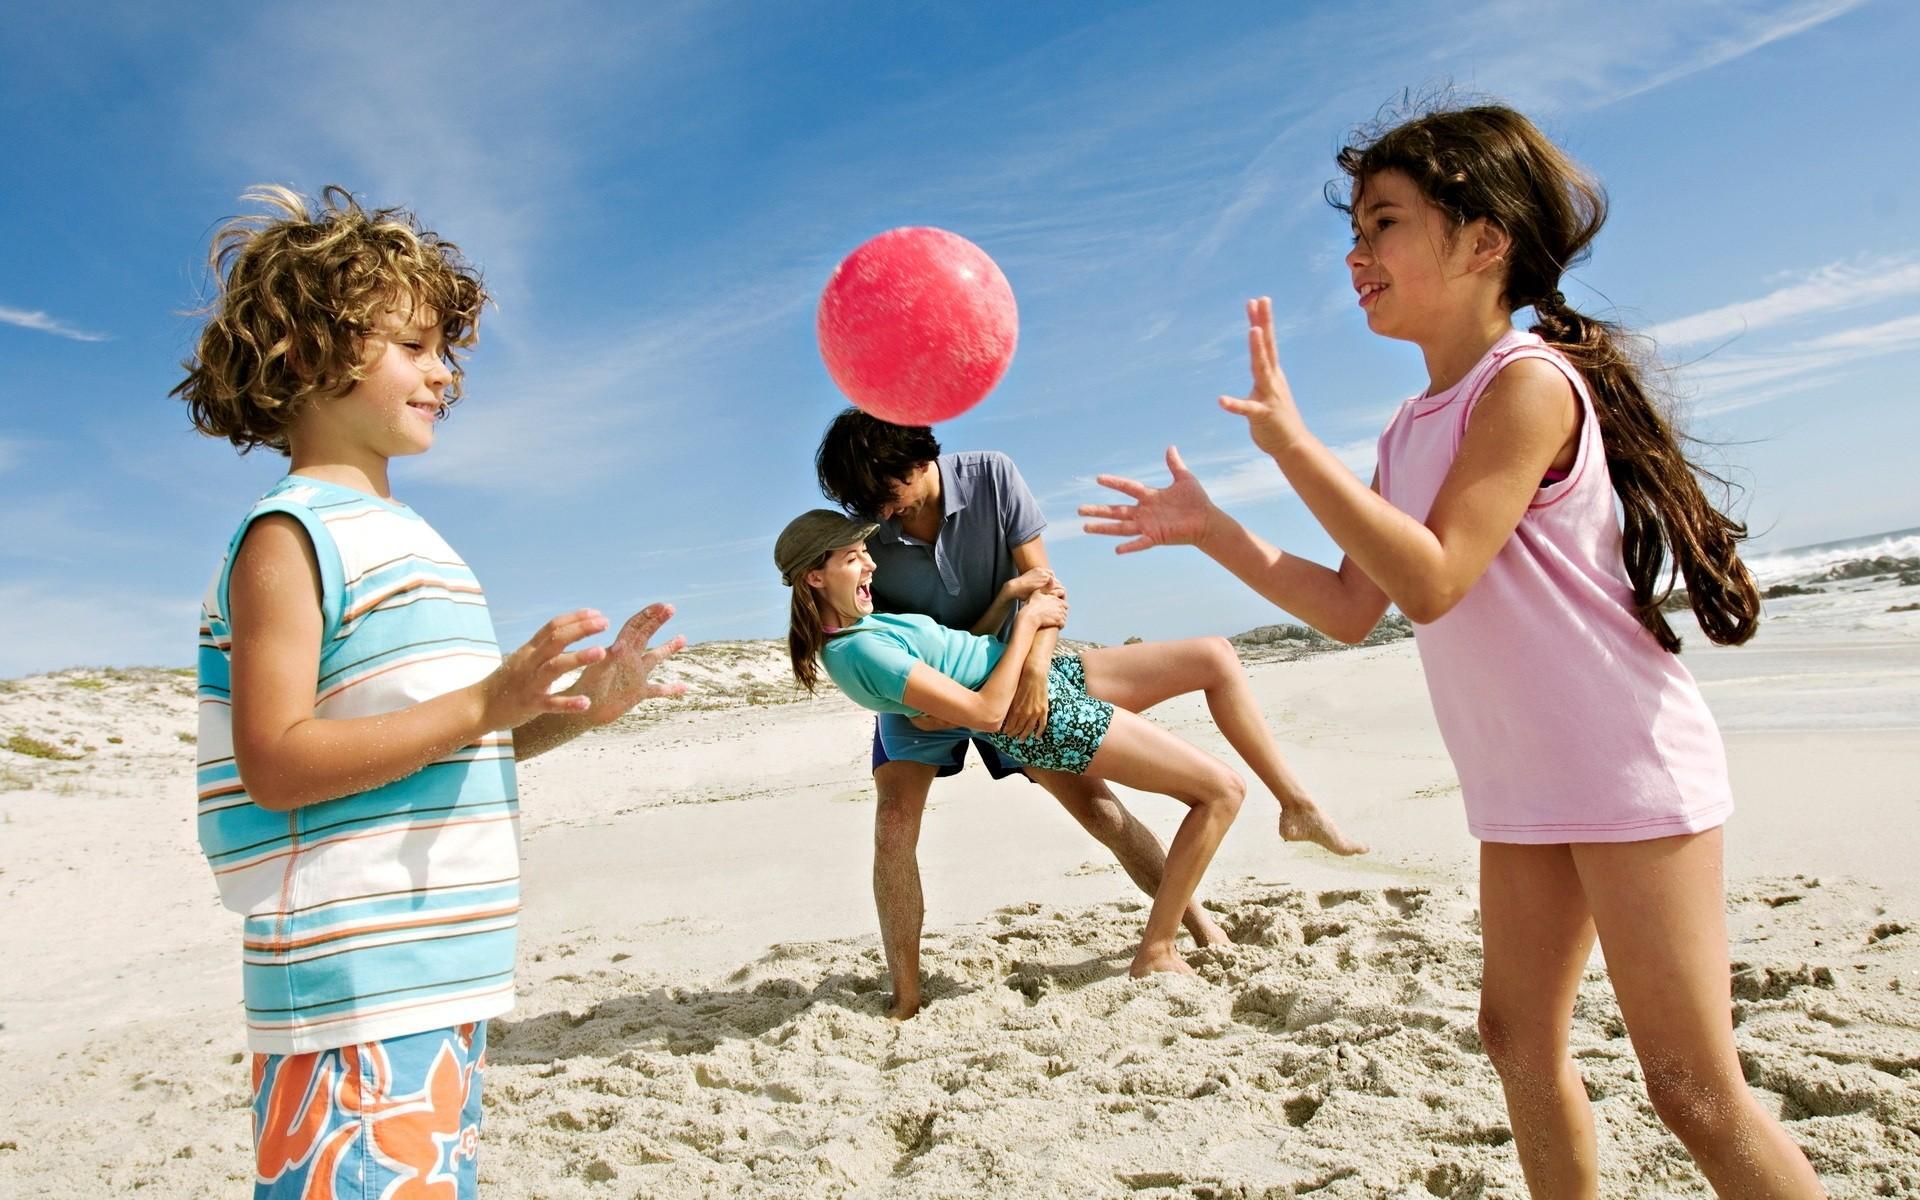 С малышами лучше ехать на песчаные пляжи и мелкое море. Если родители помимо отдыха сами хотят развлечений, то стоит рассмотреть Евпаторию и Феодосию с ближайшими окрестностями в пределах 5-10 км, а также Коктебель и Орджоникидзе.